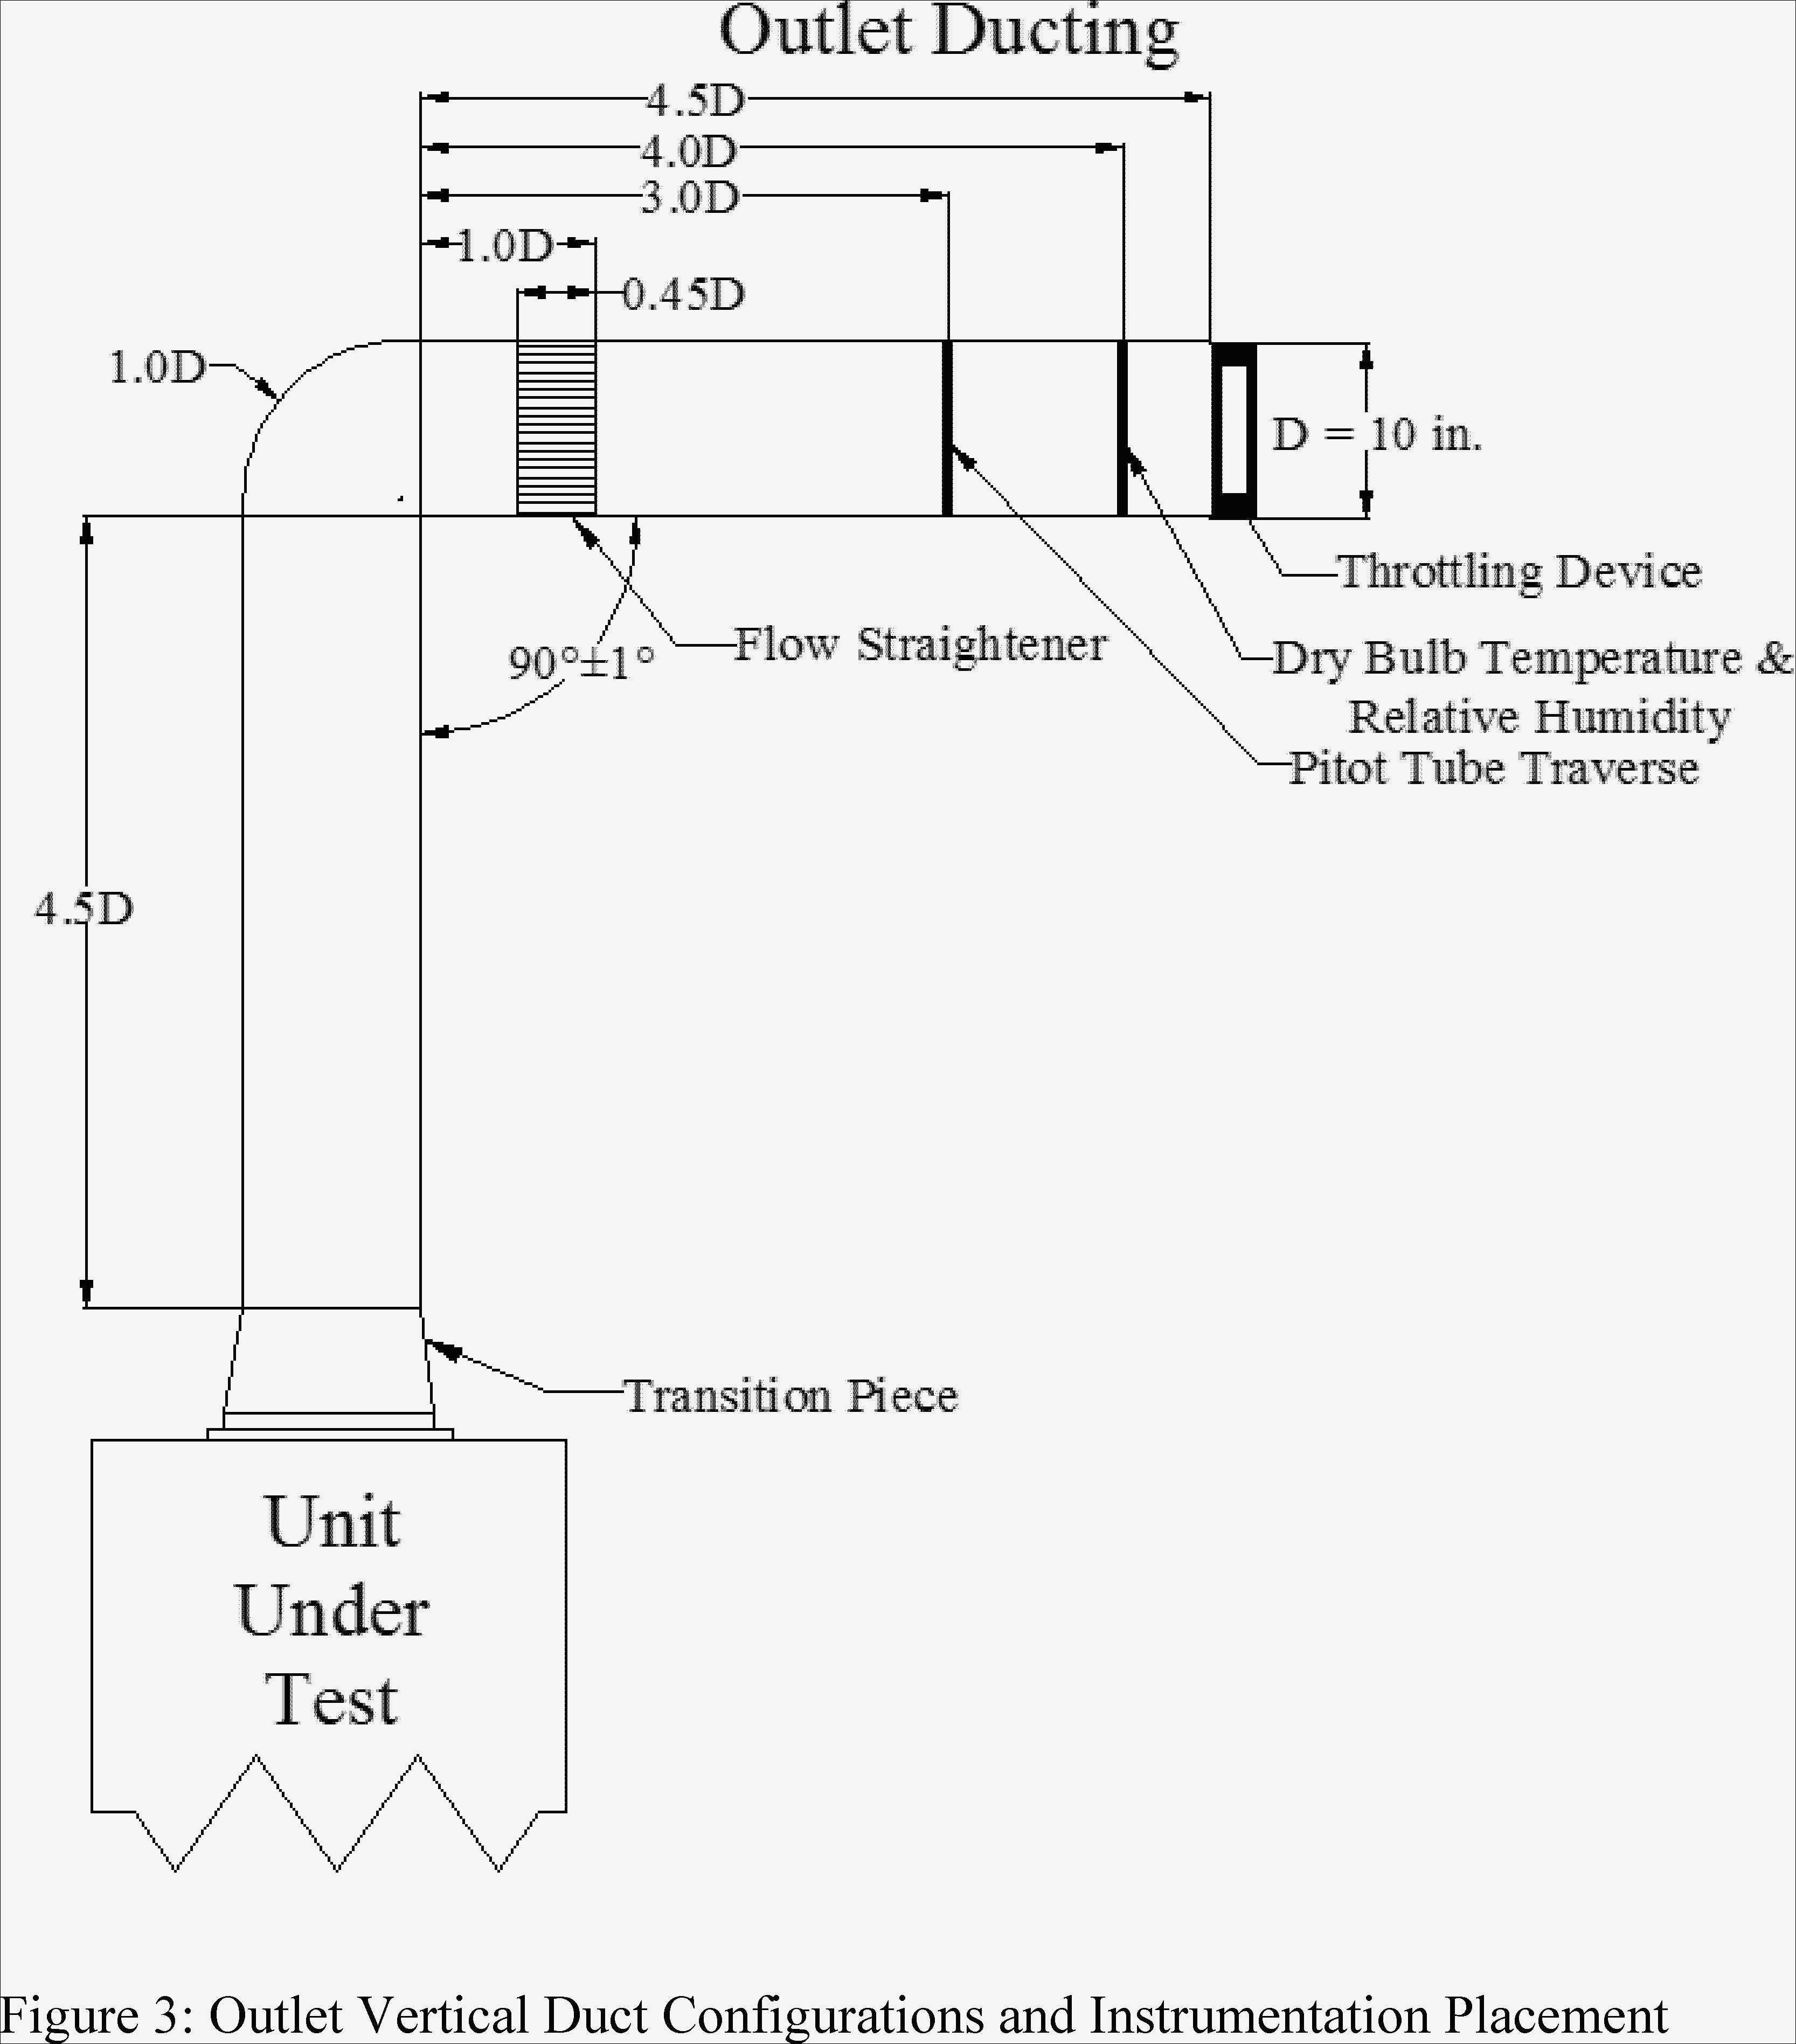 Auto Parts Diagrams Free Wiring Diagram Free Mac Wiring Diagram toolbox Of Auto Parts Diagrams Free